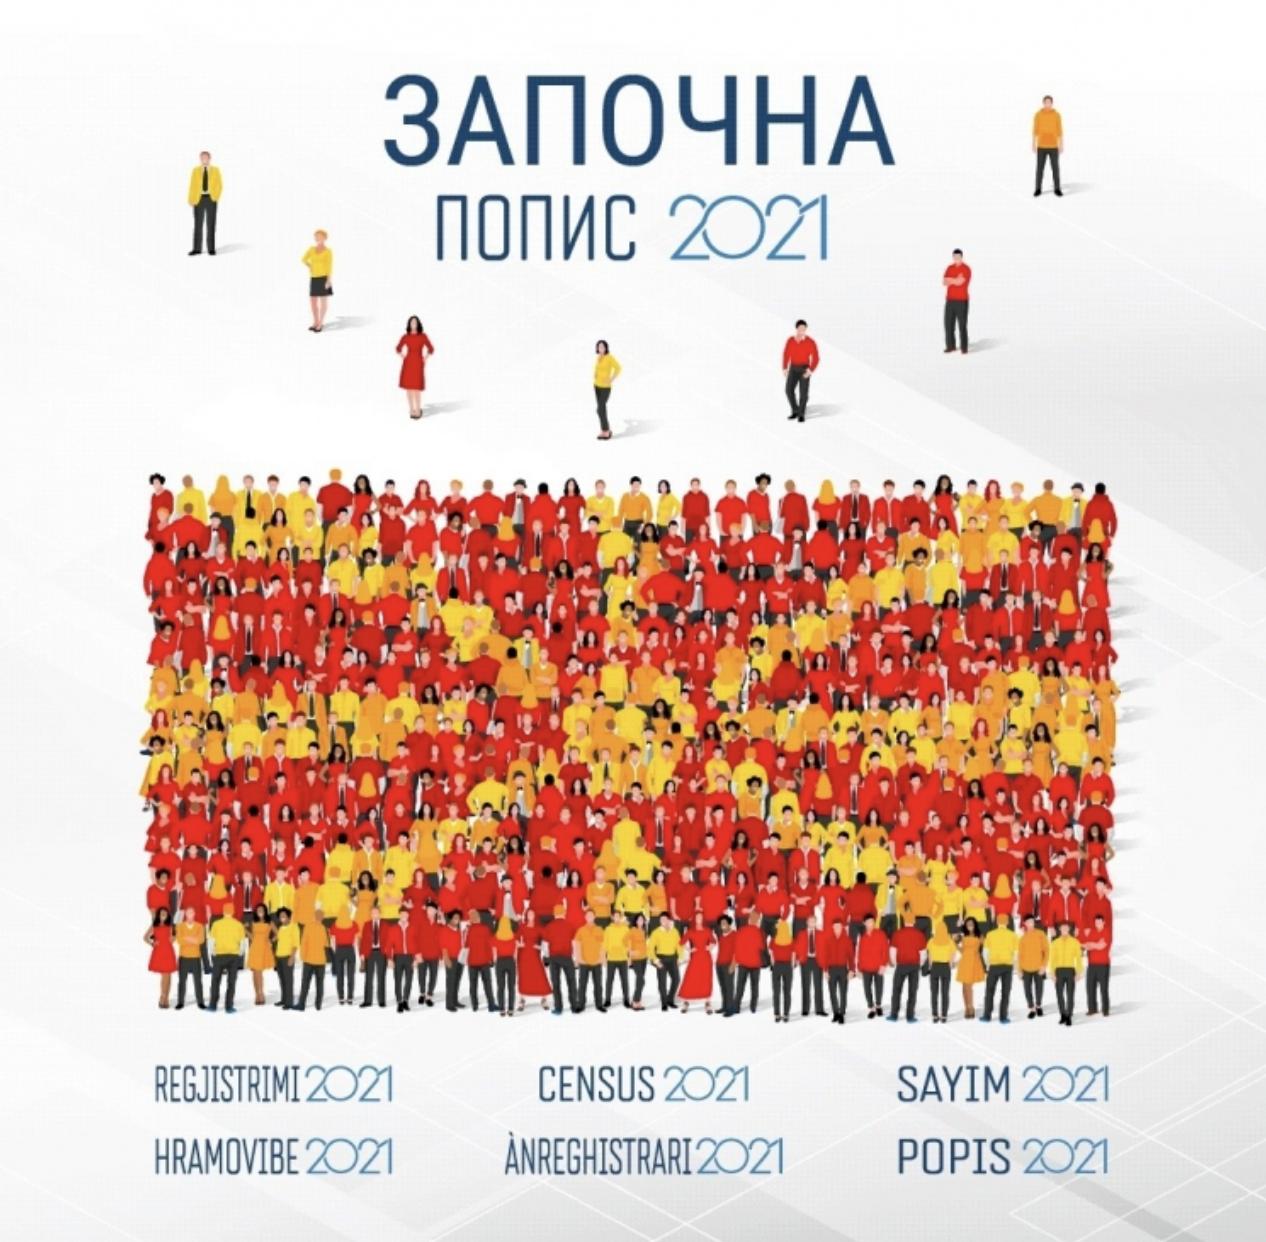 Popis stanovništva u Severnoj Makedoniji prolazi zadovoljavajućim tempom i bez problema